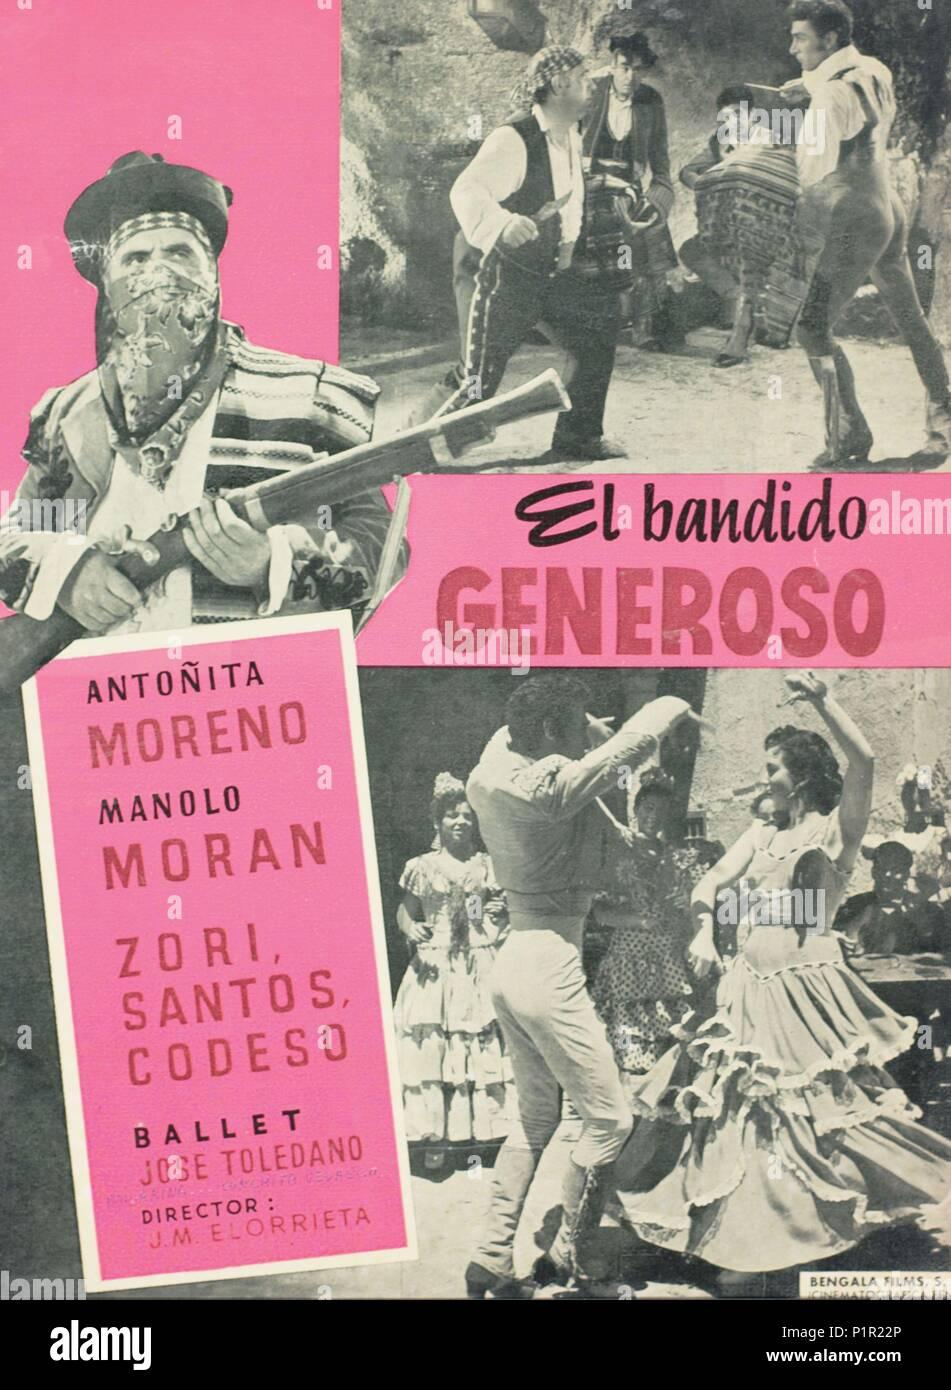 Pellicola Originale Titolo El Bandido Generoso Titolo Inglese